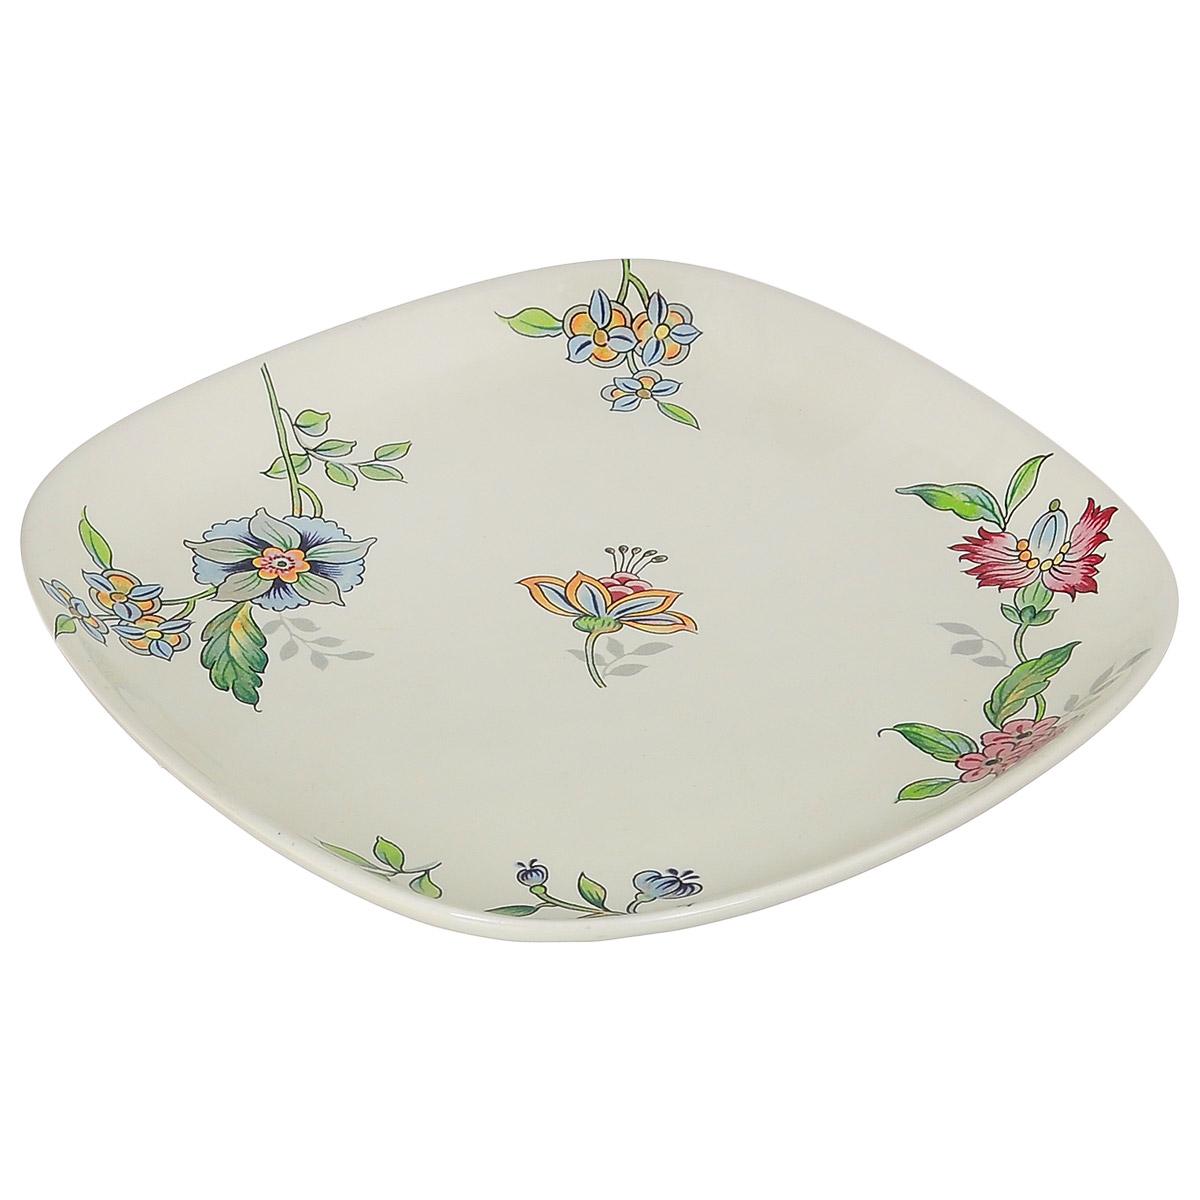 Тарелка Nuova Cer Прованс, 19 см х 19 смPRV-1590/4Изящная тарелка Nuova Cer Прованс изготовлена из высококачественной керамики. Изделие оформлено красочным изображением цветов. Предназначена для сервировки закусок и различных блюд. Оригинальная тарелка прекрасно оформит стол и порадует вас лаконичным и ярким дизайном. Можно использовать в микроволновой печи и мыть в посудомоечной машине. Размер тарелки (по верхнему краю): 19 см х 19 см. Высота тарелки: 2,2 см.